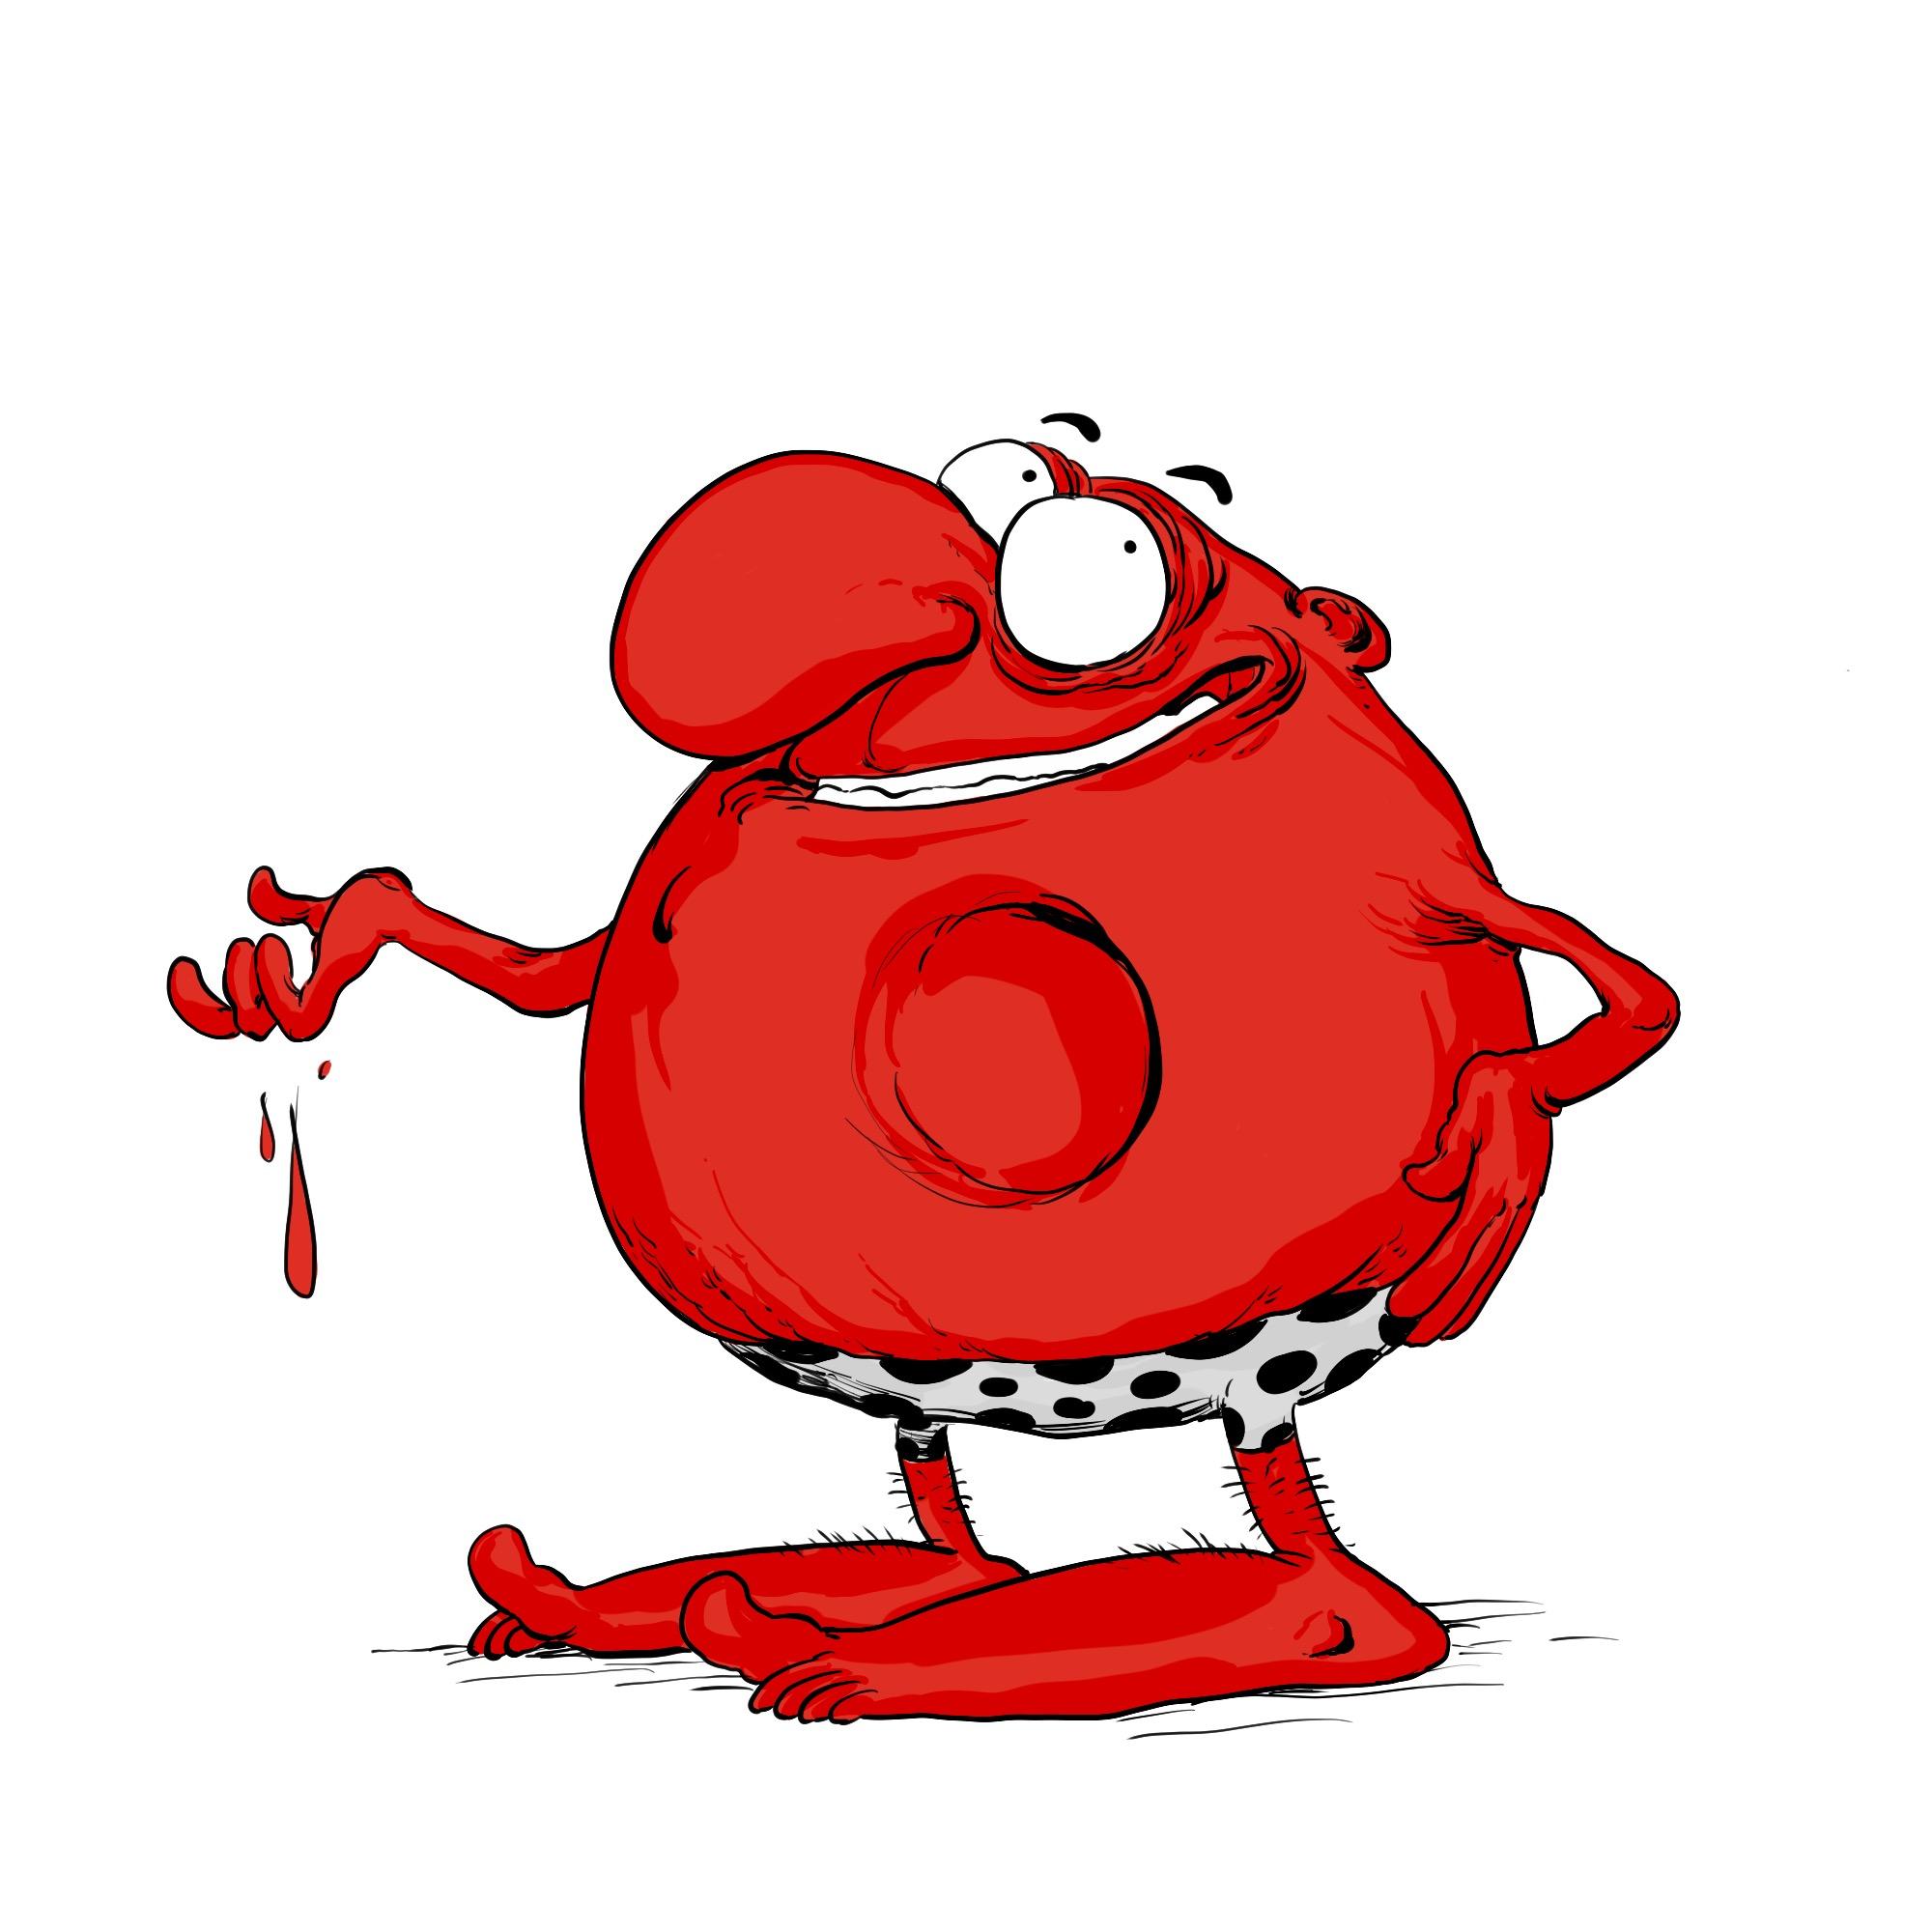 CRObule rouge, le globule cromagnon